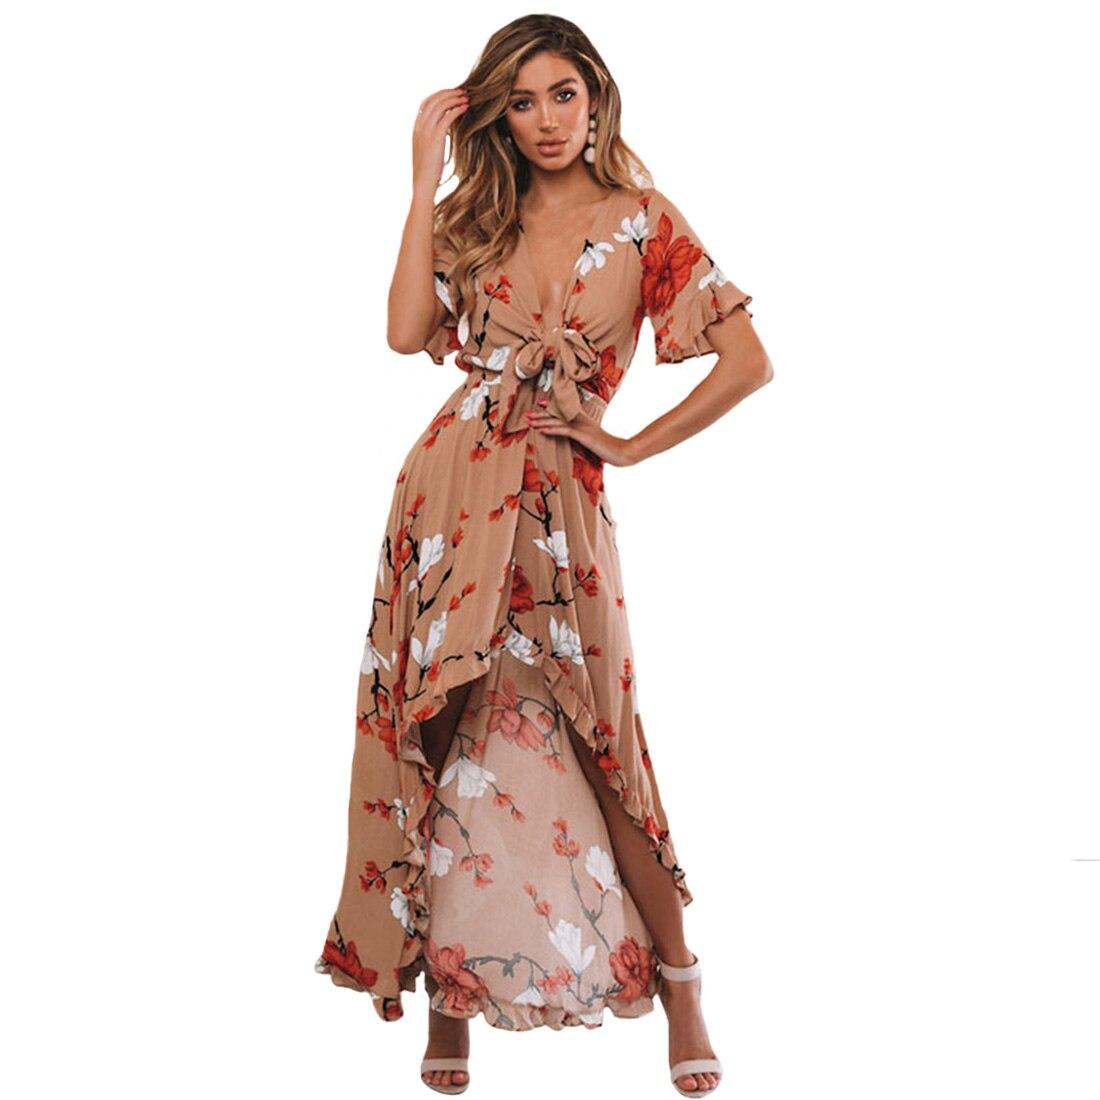 Эластичная летняя с высокой талией, глубокий v-образный вырез, вечернее платье с рюшами, женские платья, Длинные Сексуальные вечерние, спере...